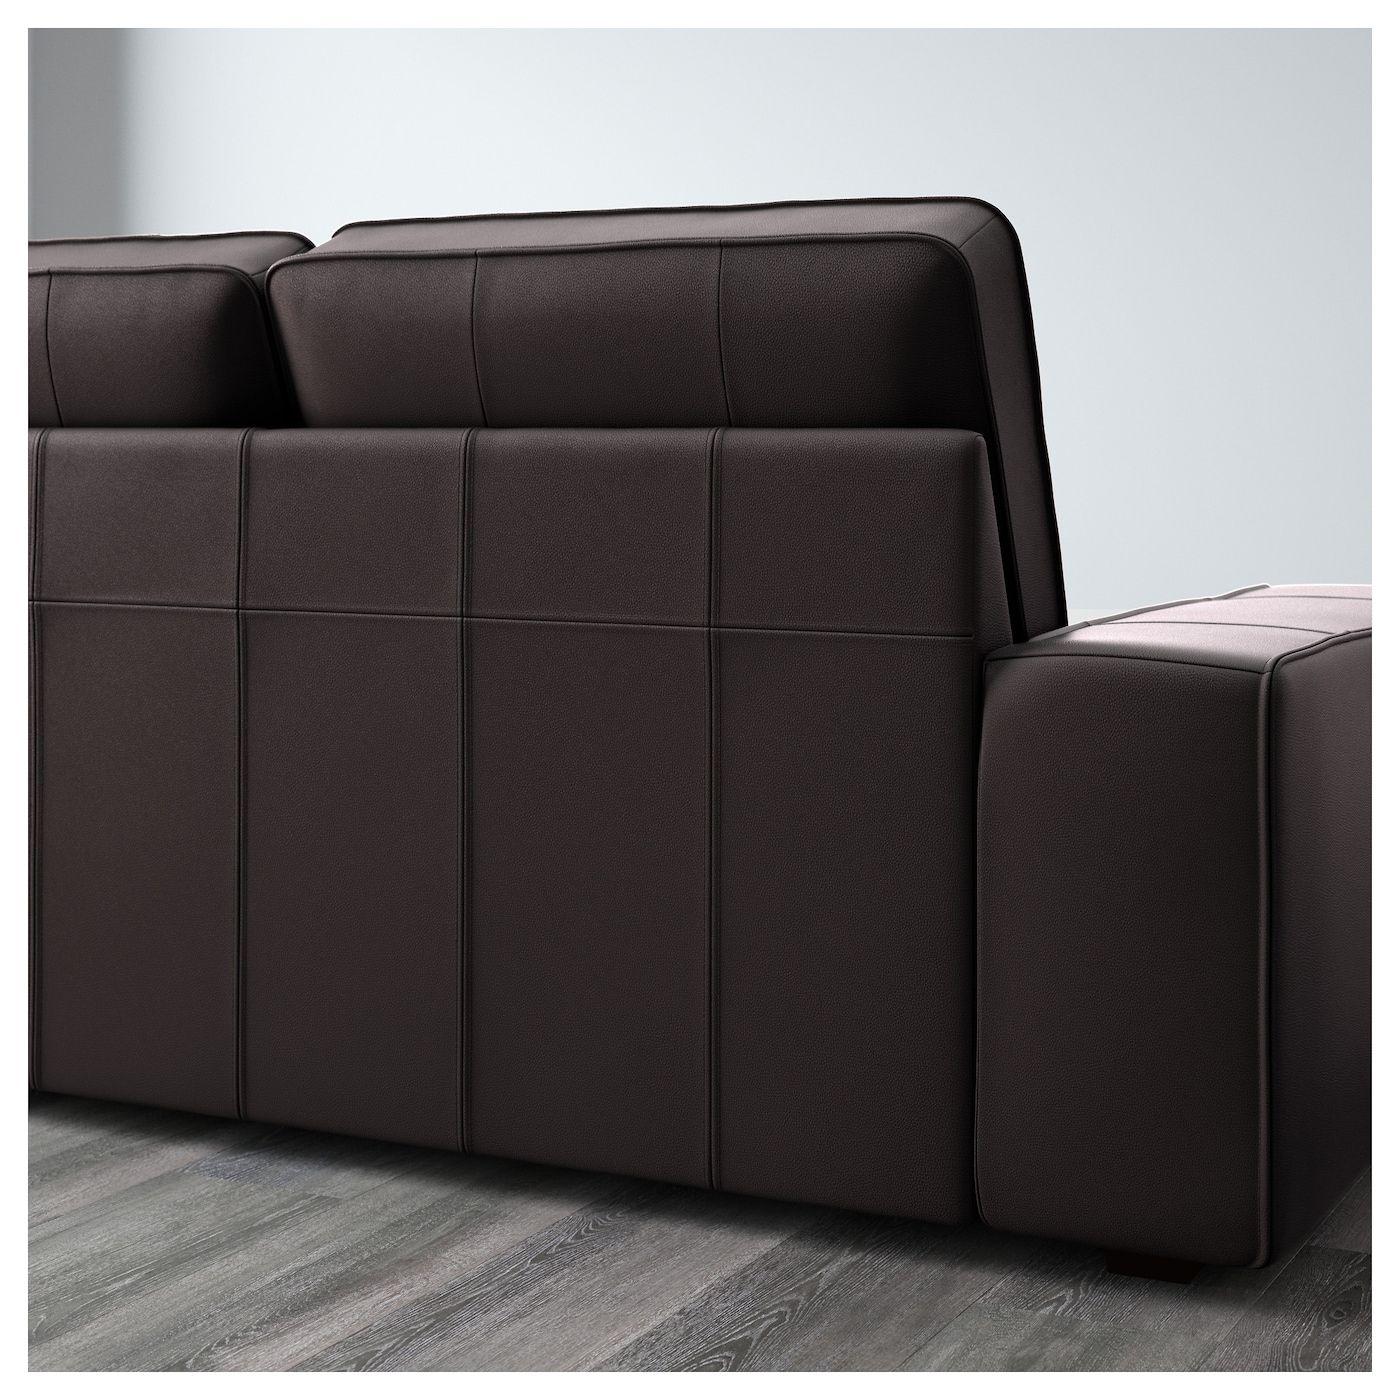 Ikea Kivik Sectional 5 Seat With Chaise Grann Bomstad Kunstleder Sofa Sofa Leder 3er Sofa